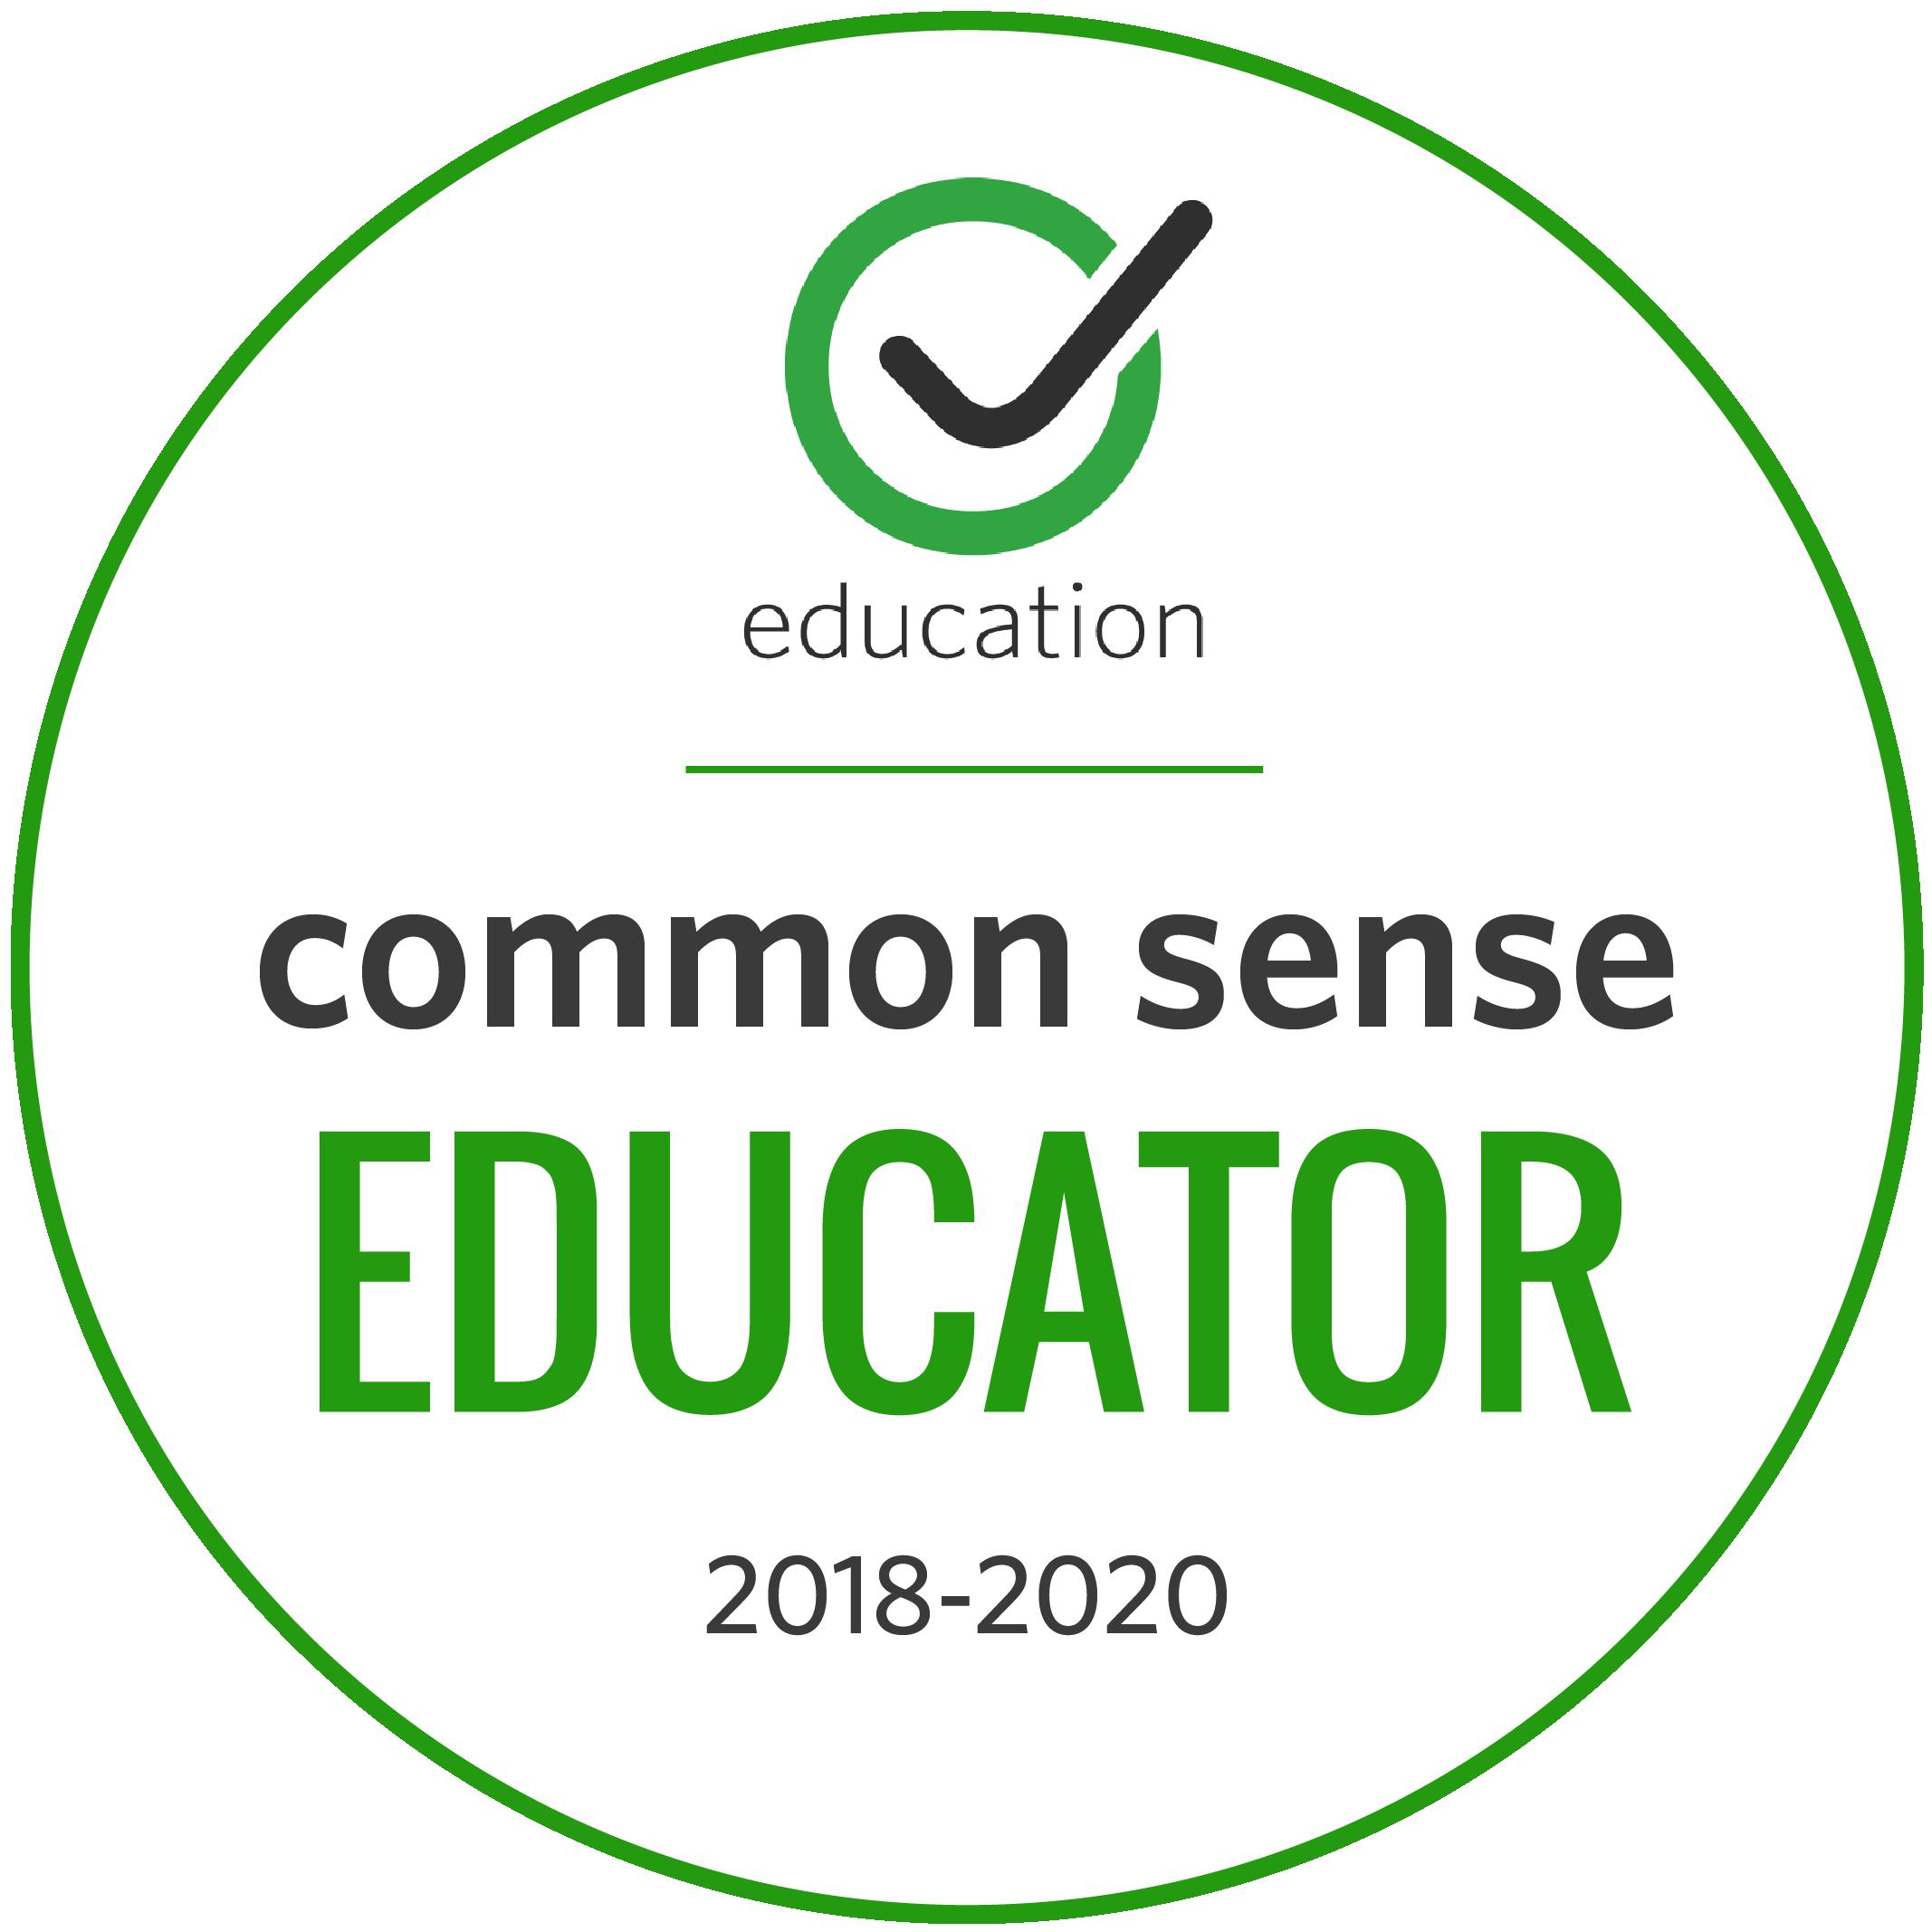 EducatorBadge2018-2020.png